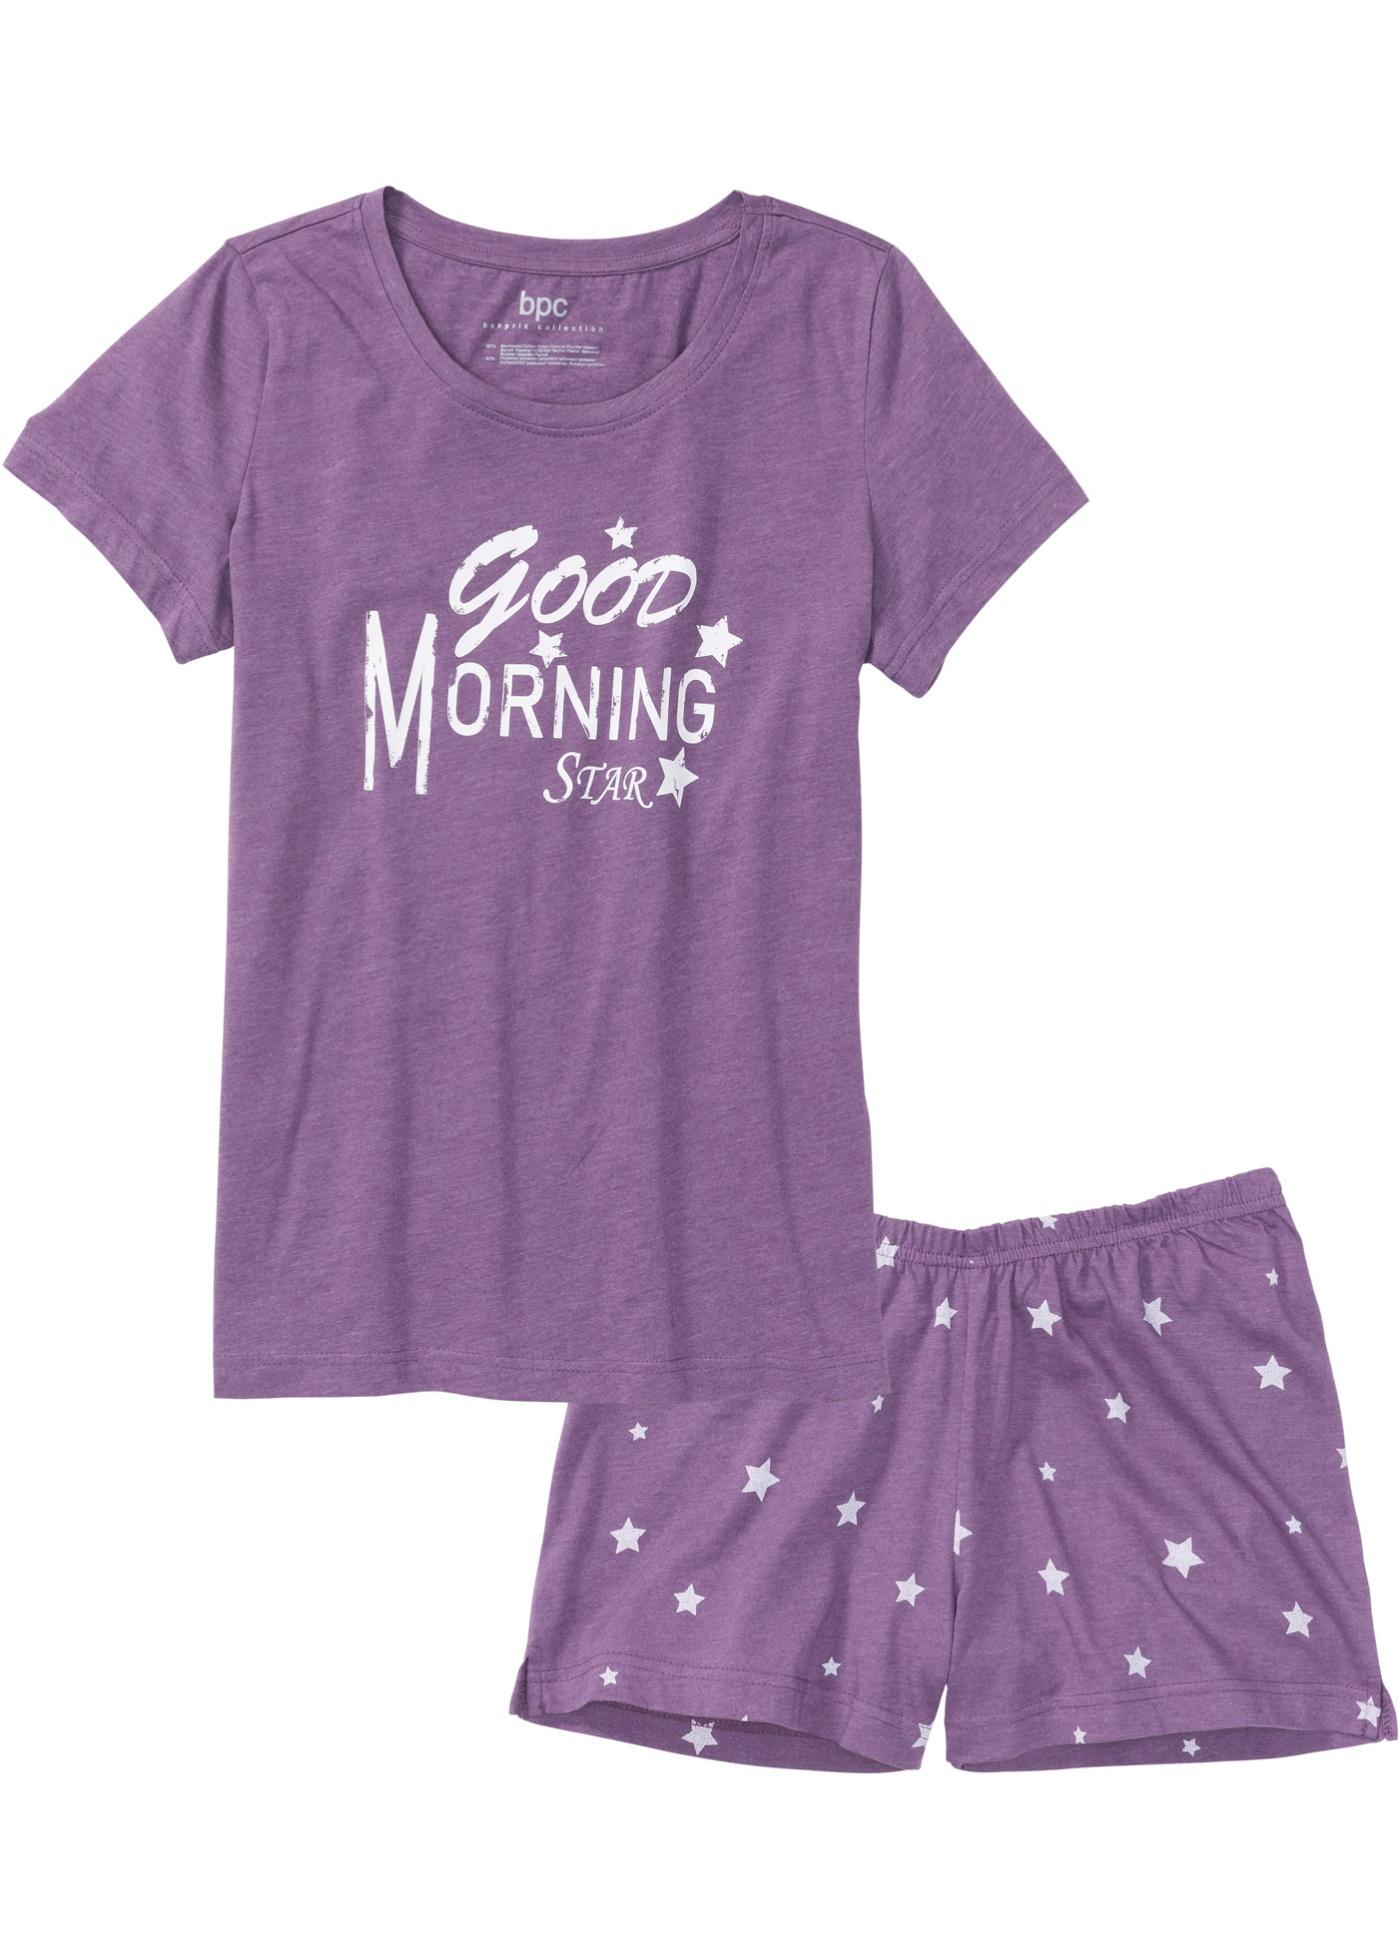 Manches CollectionPyjashort Bpc Pour Bonprix Violet Courtes Femme zMUVpS